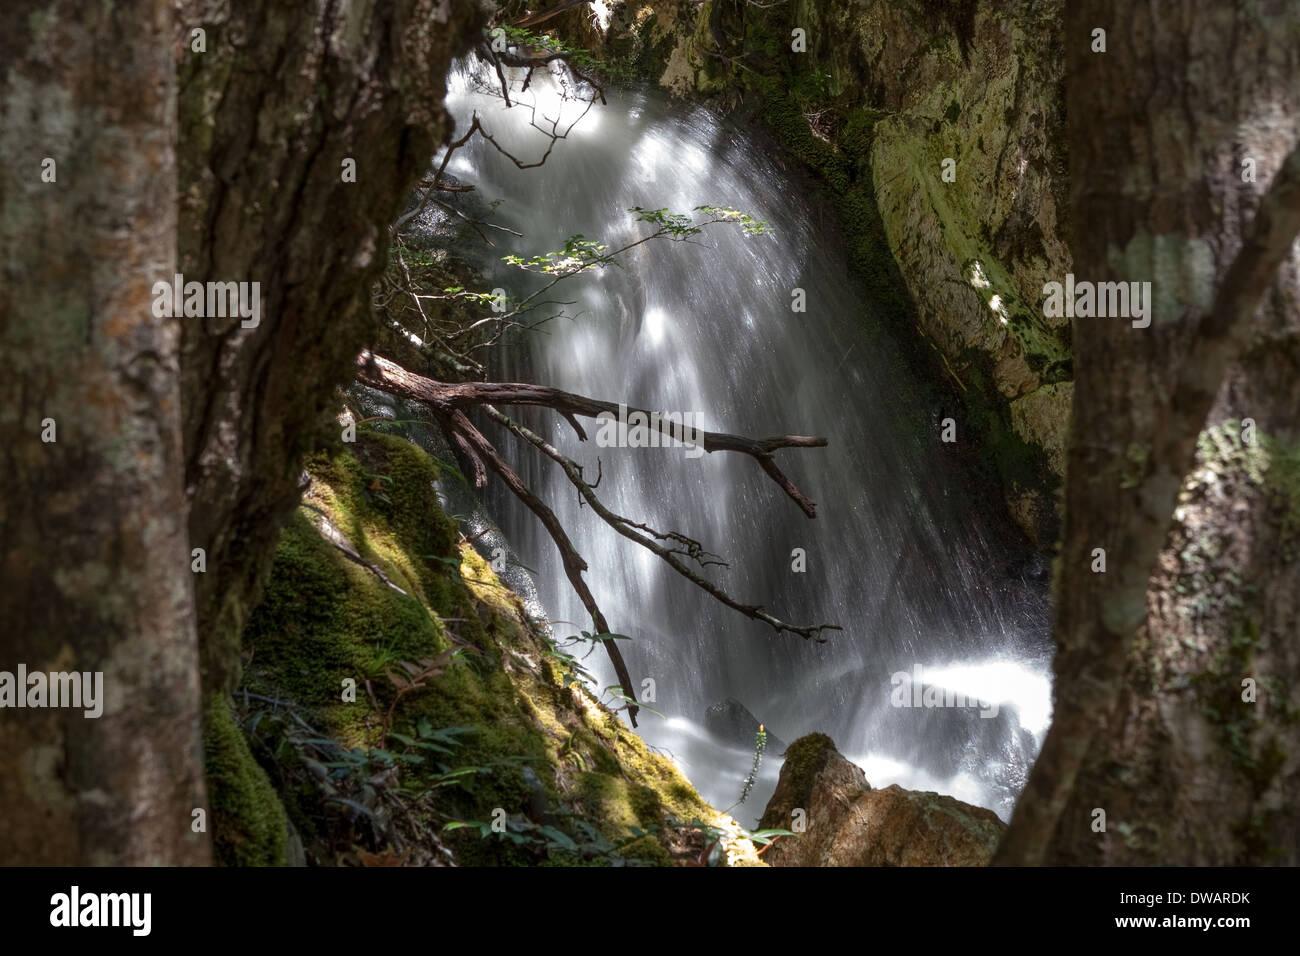 Cradle Mountain National Park Tasmania Australia - Stock Image